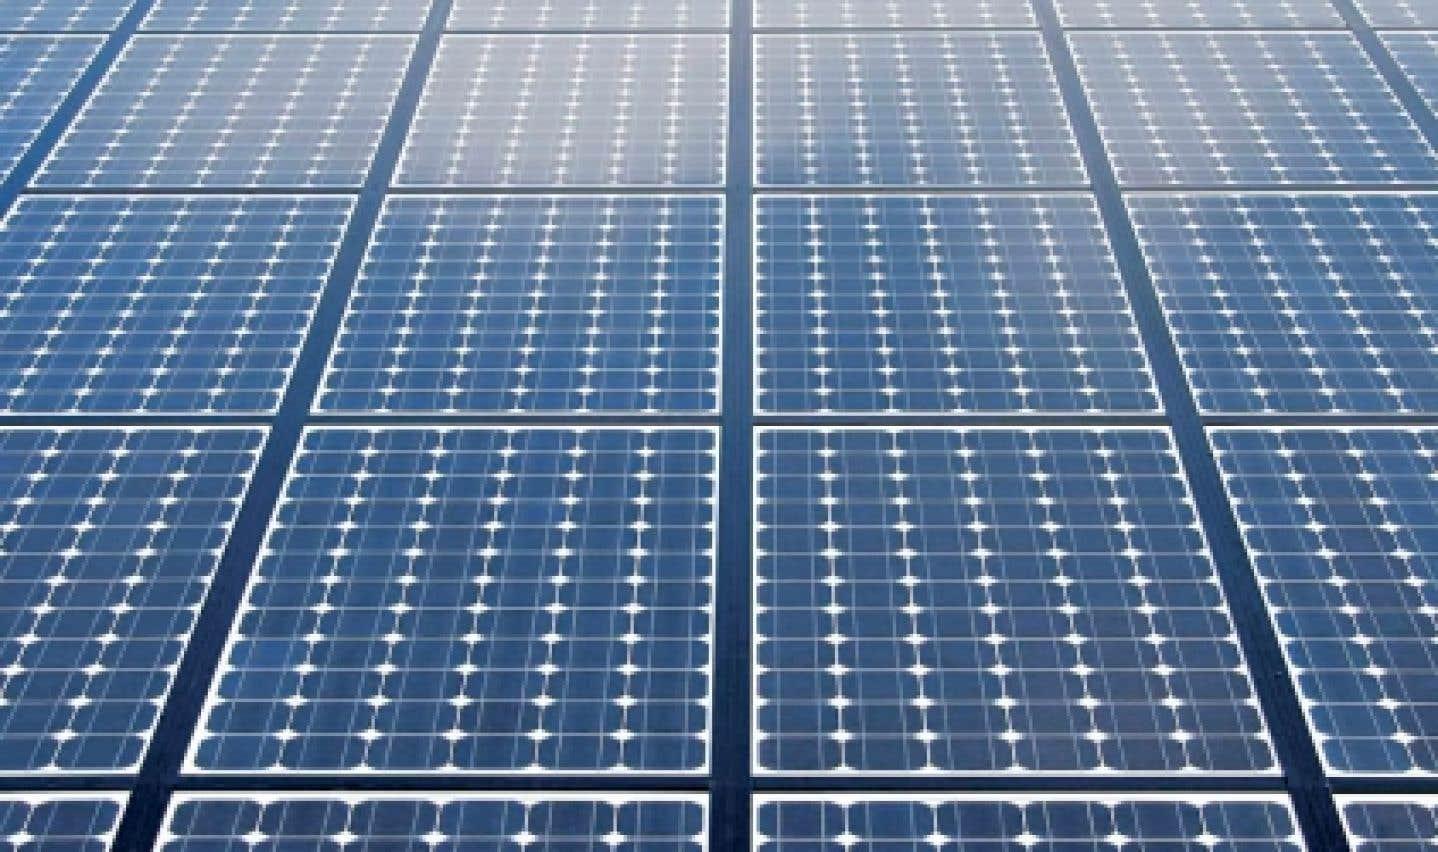 L'énergie solaire a le potentiel de croissance le plus élevé à l'échelle planétaire dans l'avenir.